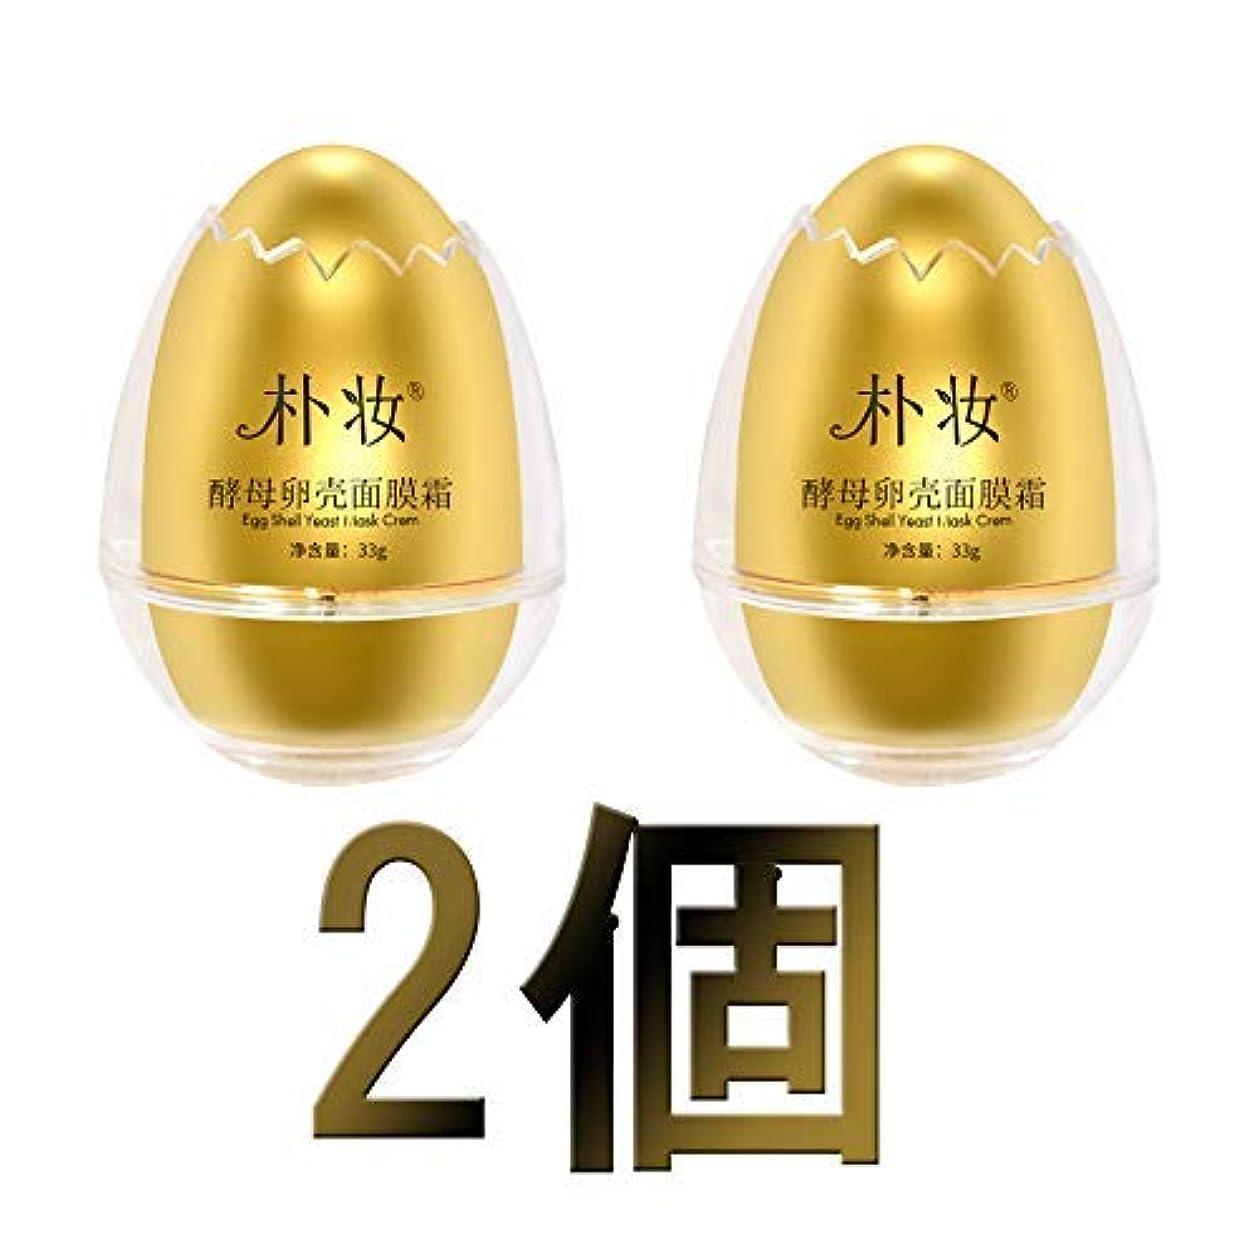 風刺ビルマ薬理学朴妆たんたんパックx2個 酵母卵殻マスククリーム33g しっとりと た肌,シュリンクポア,しわ耐性,肌を引っ張る、